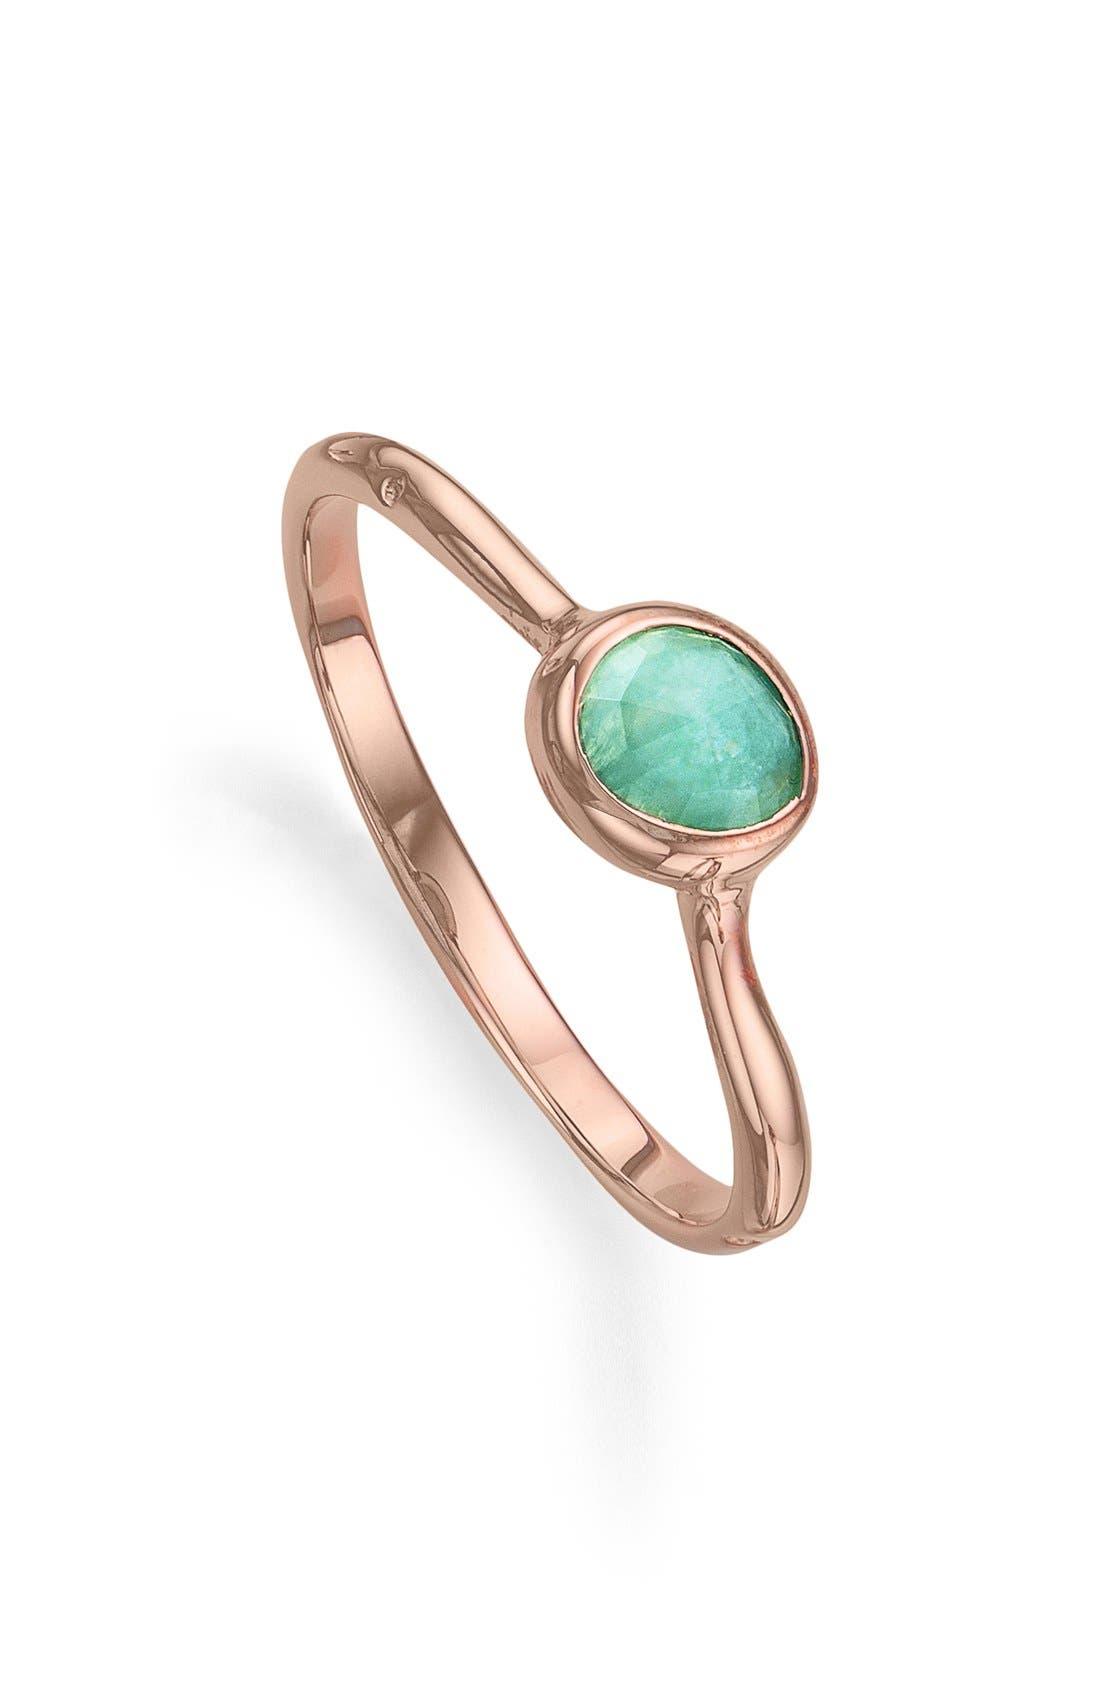 Main Image - Monica Vinader 'Siren' Small Stacking Ring